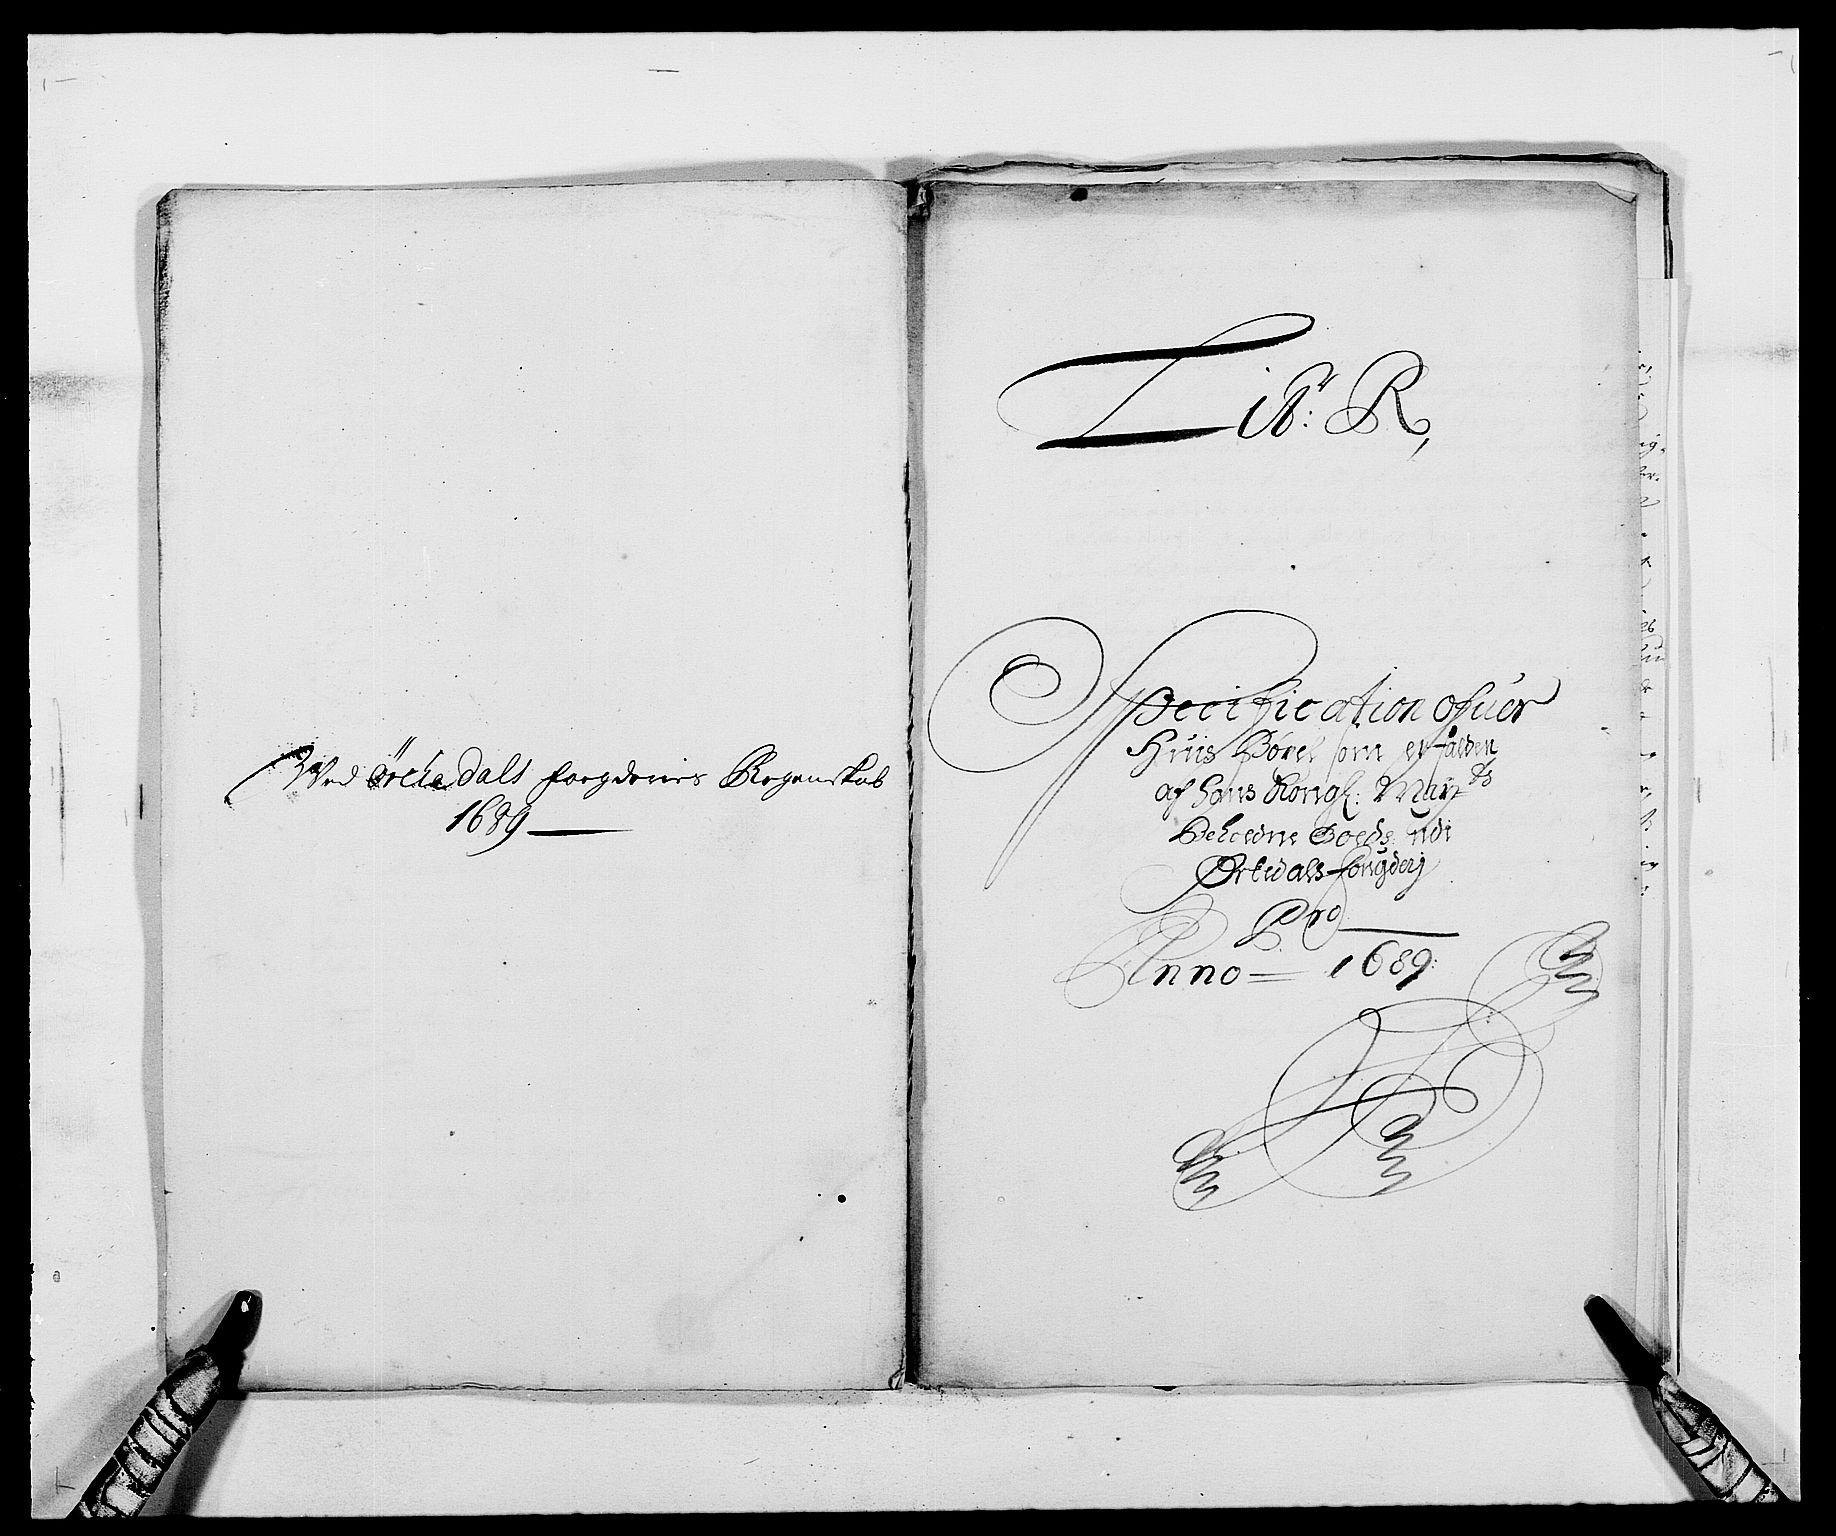 RA, Rentekammeret inntil 1814, Reviderte regnskaper, Fogderegnskap, R58/L3936: Fogderegnskap Orkdal, 1689-1690, s. 167